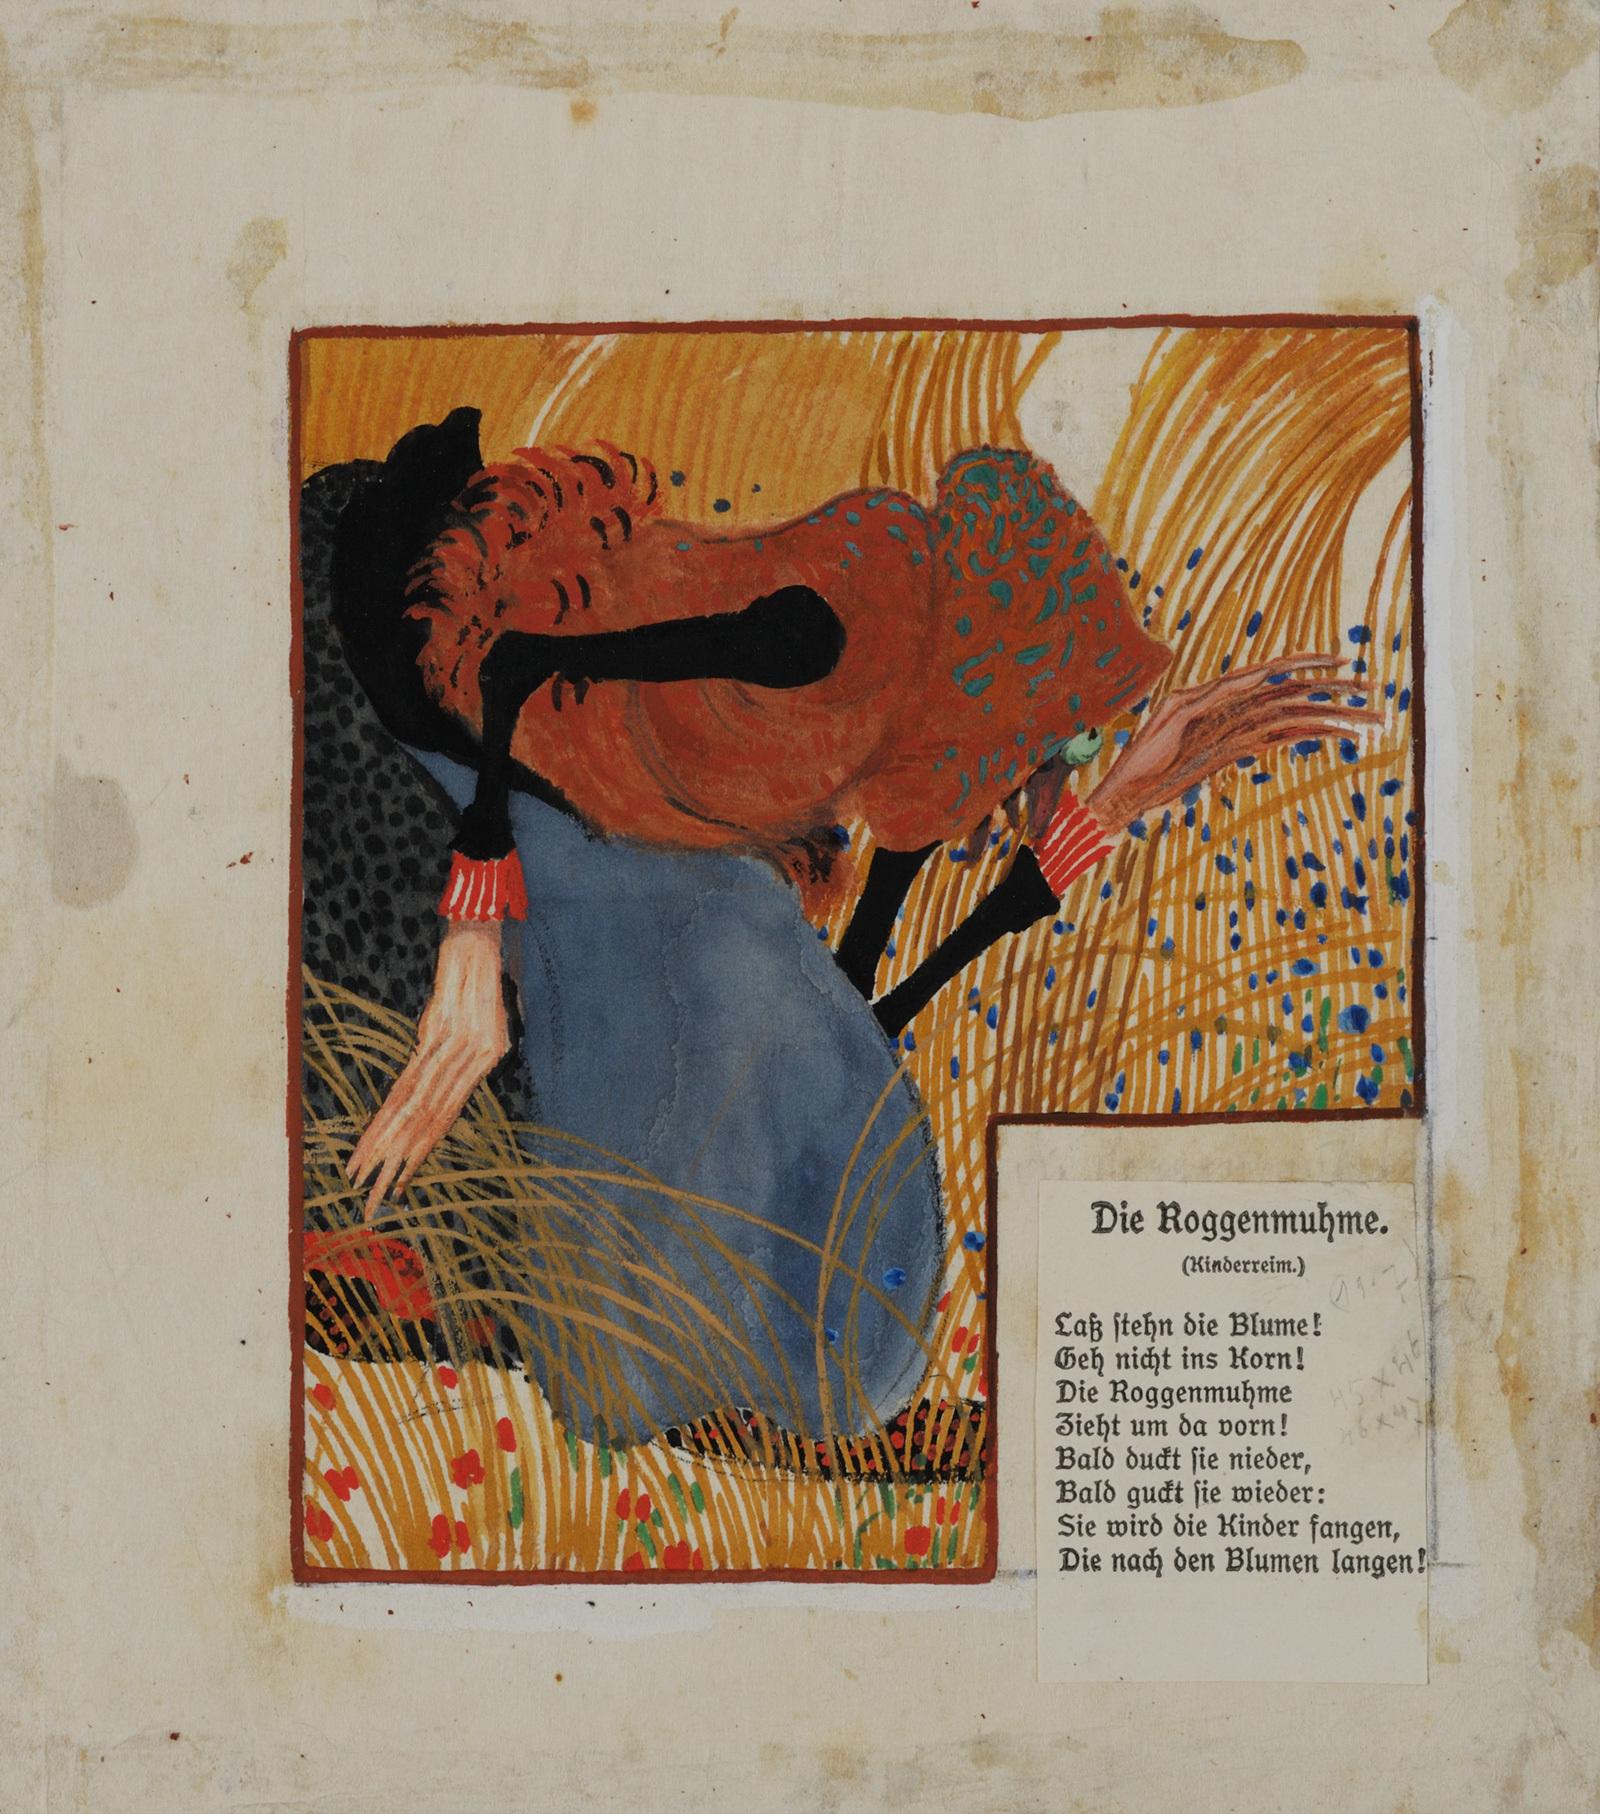 フェルディナント・アンドリ《ライ麦おばさん》(アウグスト・コピッシュ『精選詩集』のための挿絵)1903年頃  京都国立近代美術館